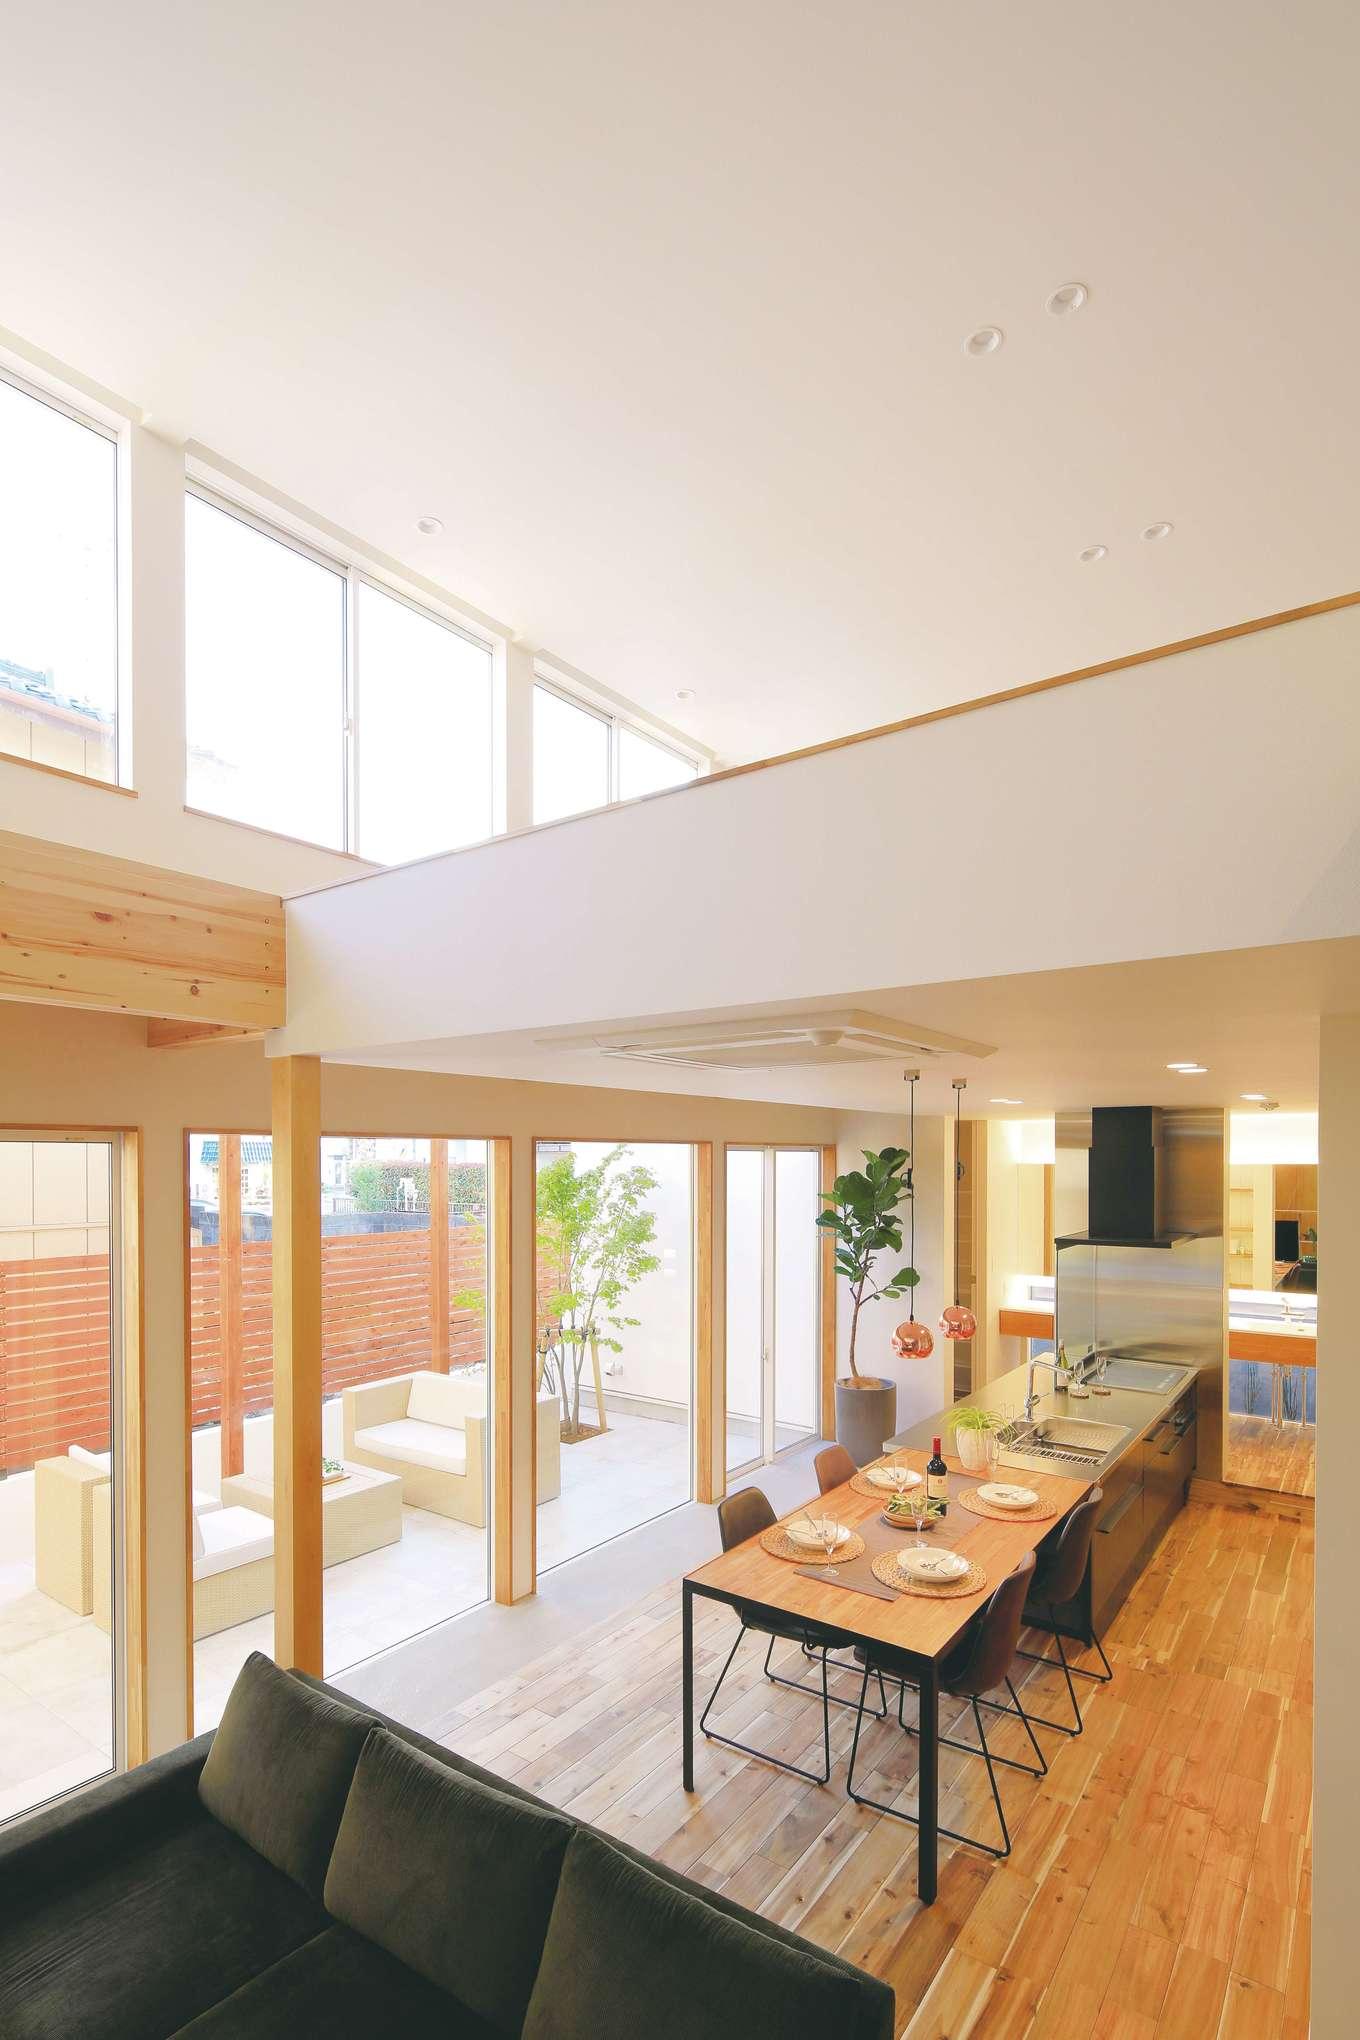 天井まで届く壁一面のガラス張りは、想像以上の開放感